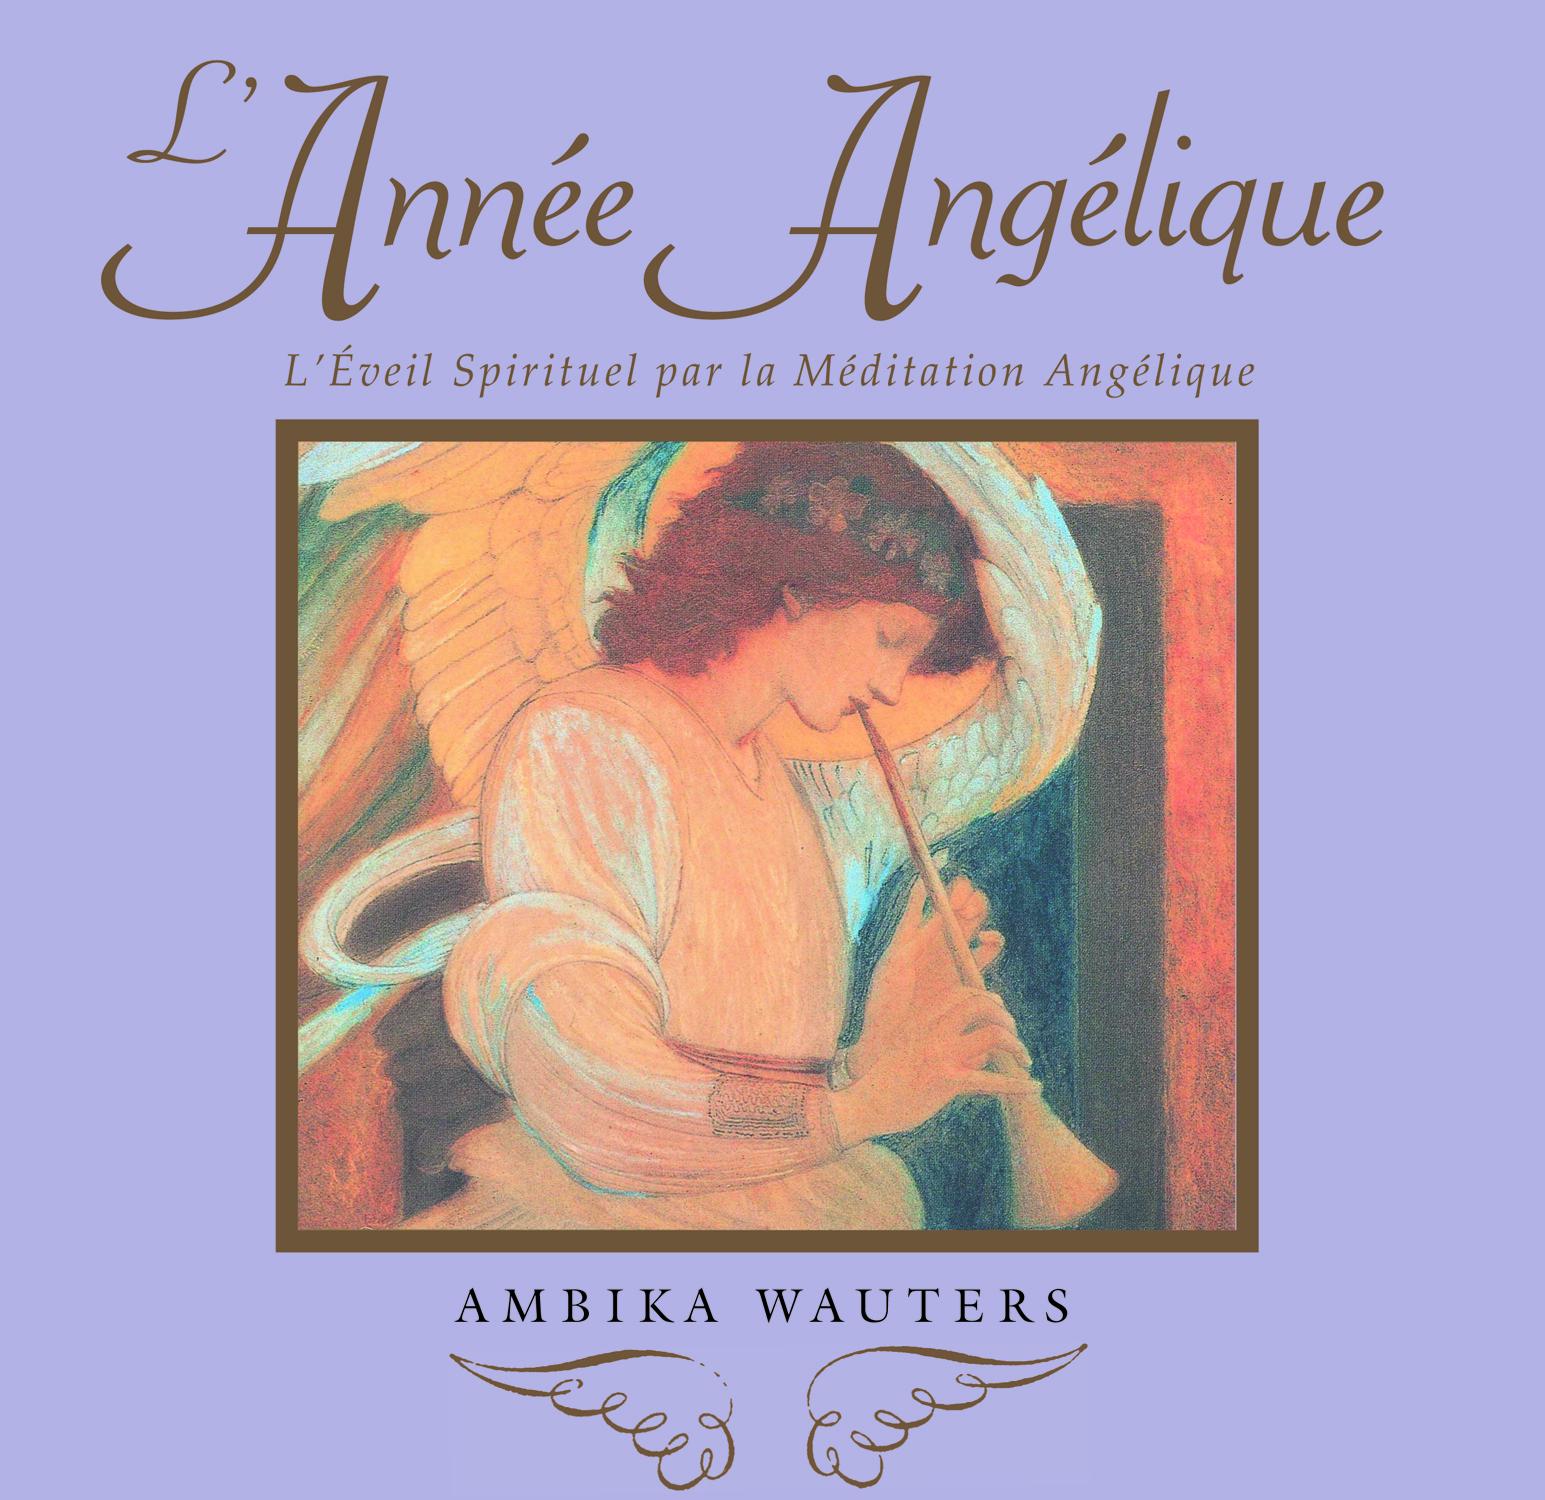 ANNEE ANGELIQUE - L'EVEIL SPIRITUEL PAR LA MEDITATION ANGELIQUE (L')